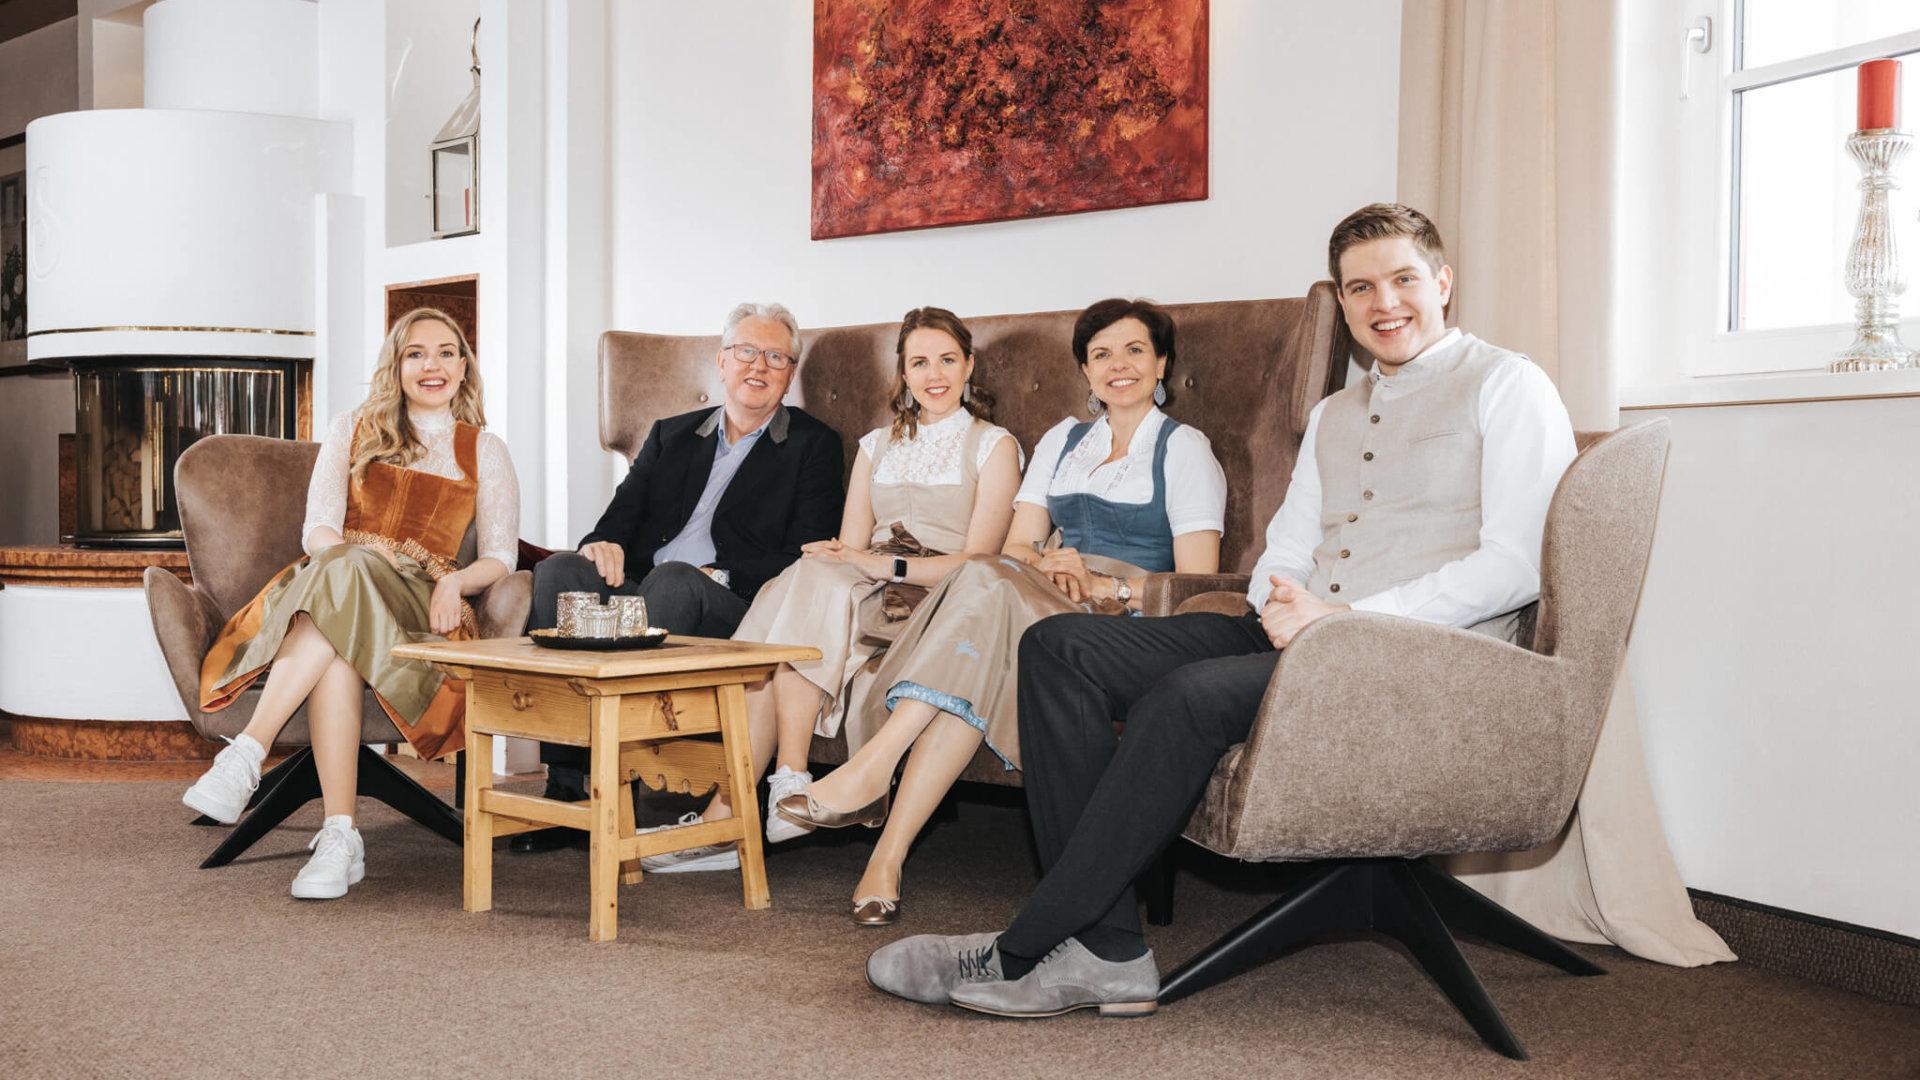 Familie Schneider im Hotel Schneider, Obertauern